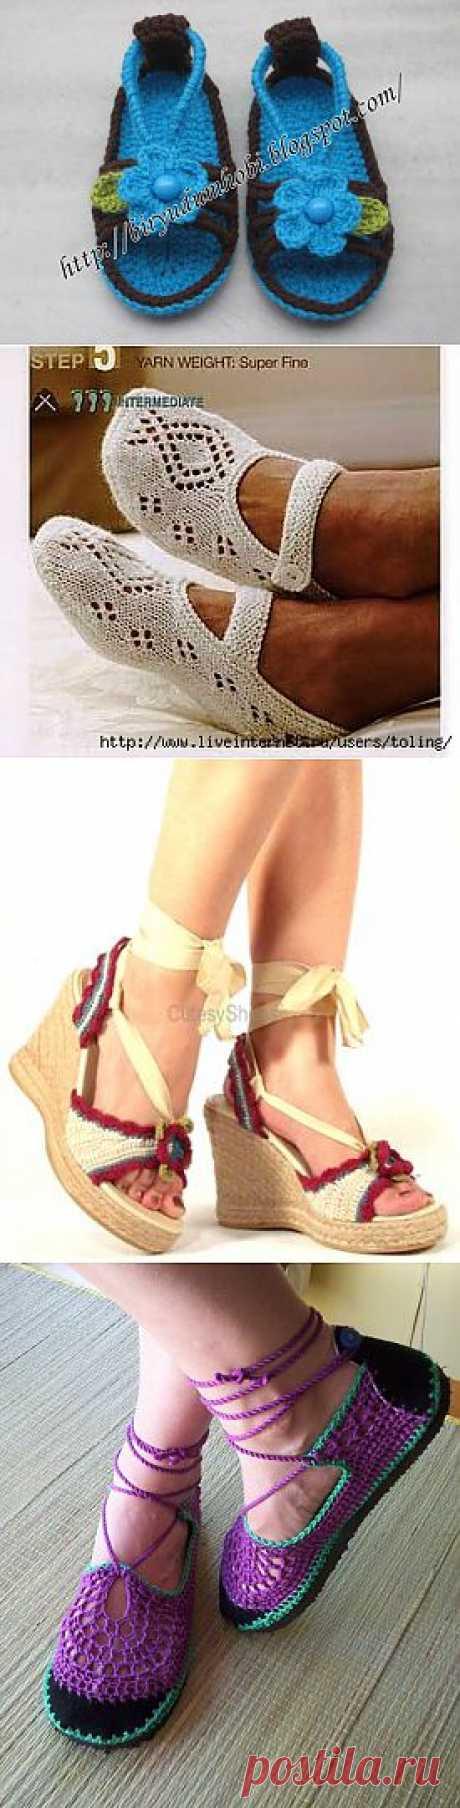 Обувь | Записи в рубрике Обувь | Копилочка